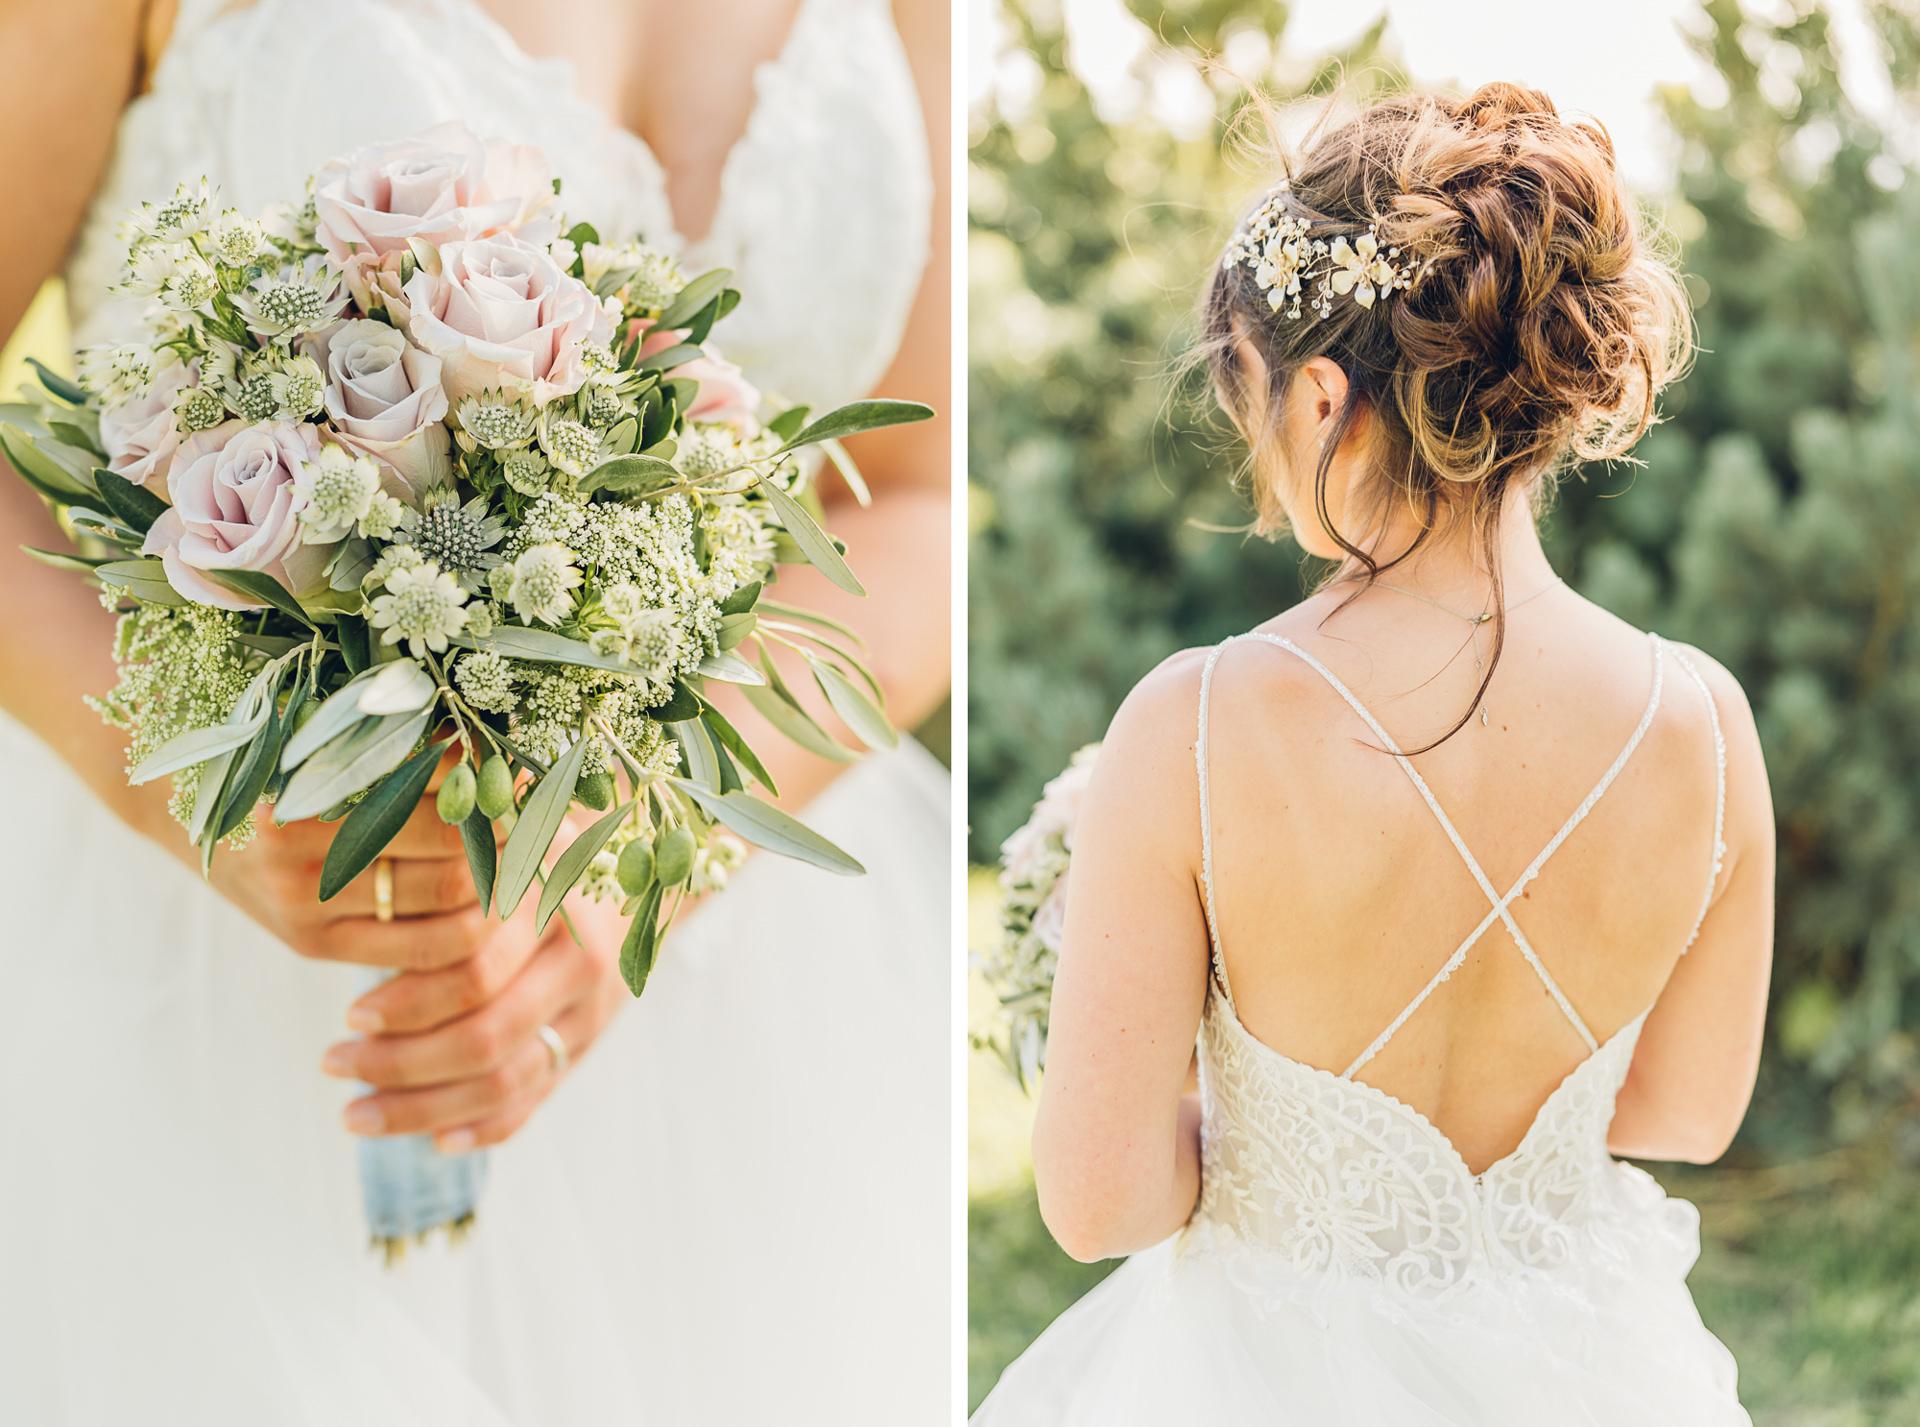 Wunderschöne Brautfrisur und Strauß auf dem Weingut Höflich